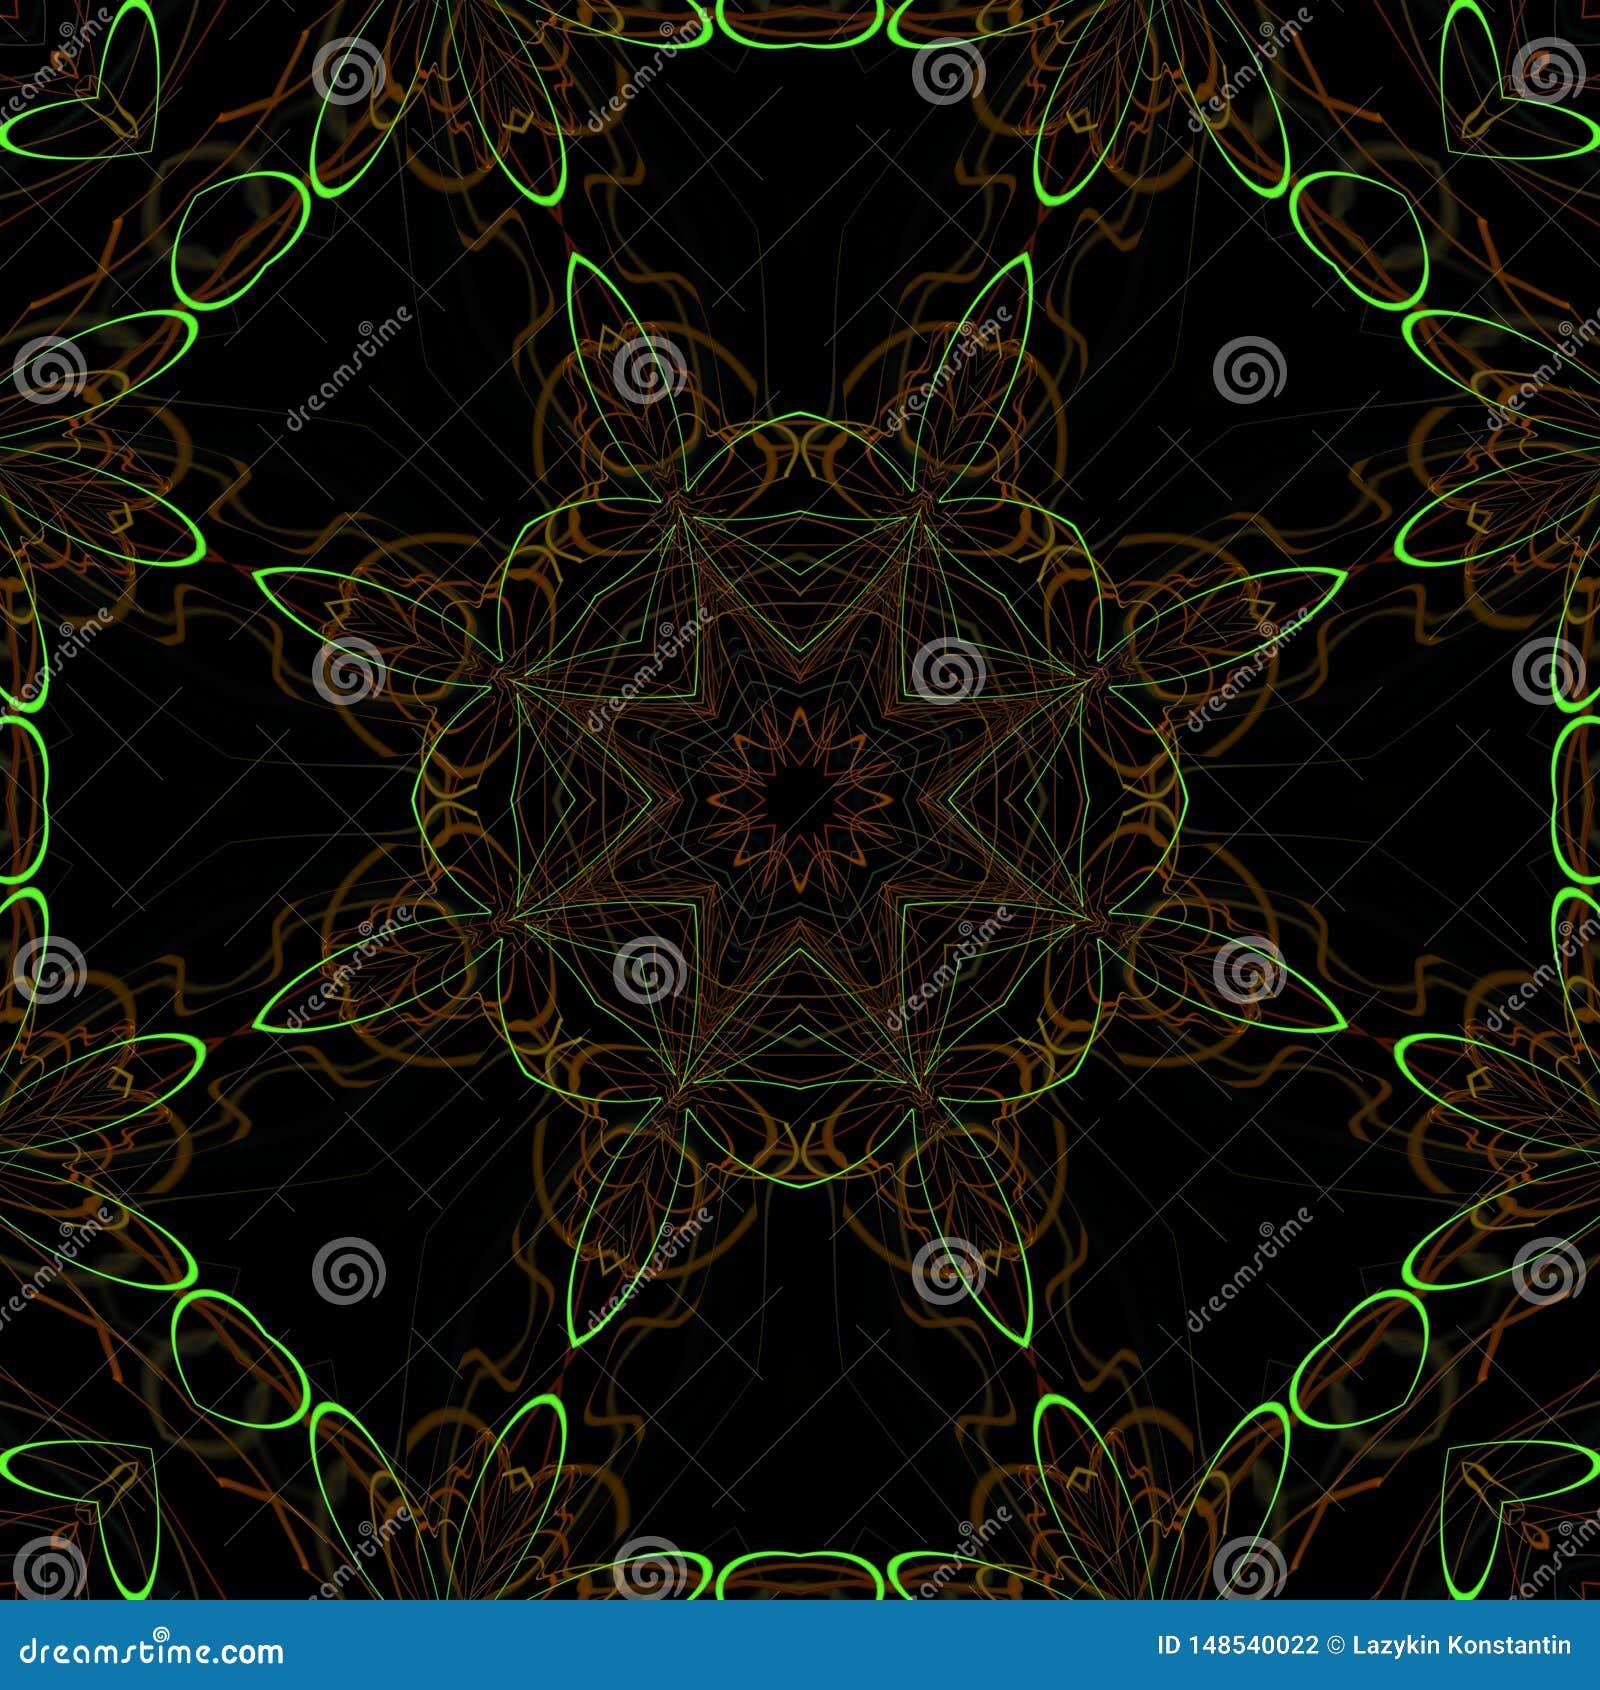 Illustraties psychedelische fractal futuristische geometrische kleurrijk